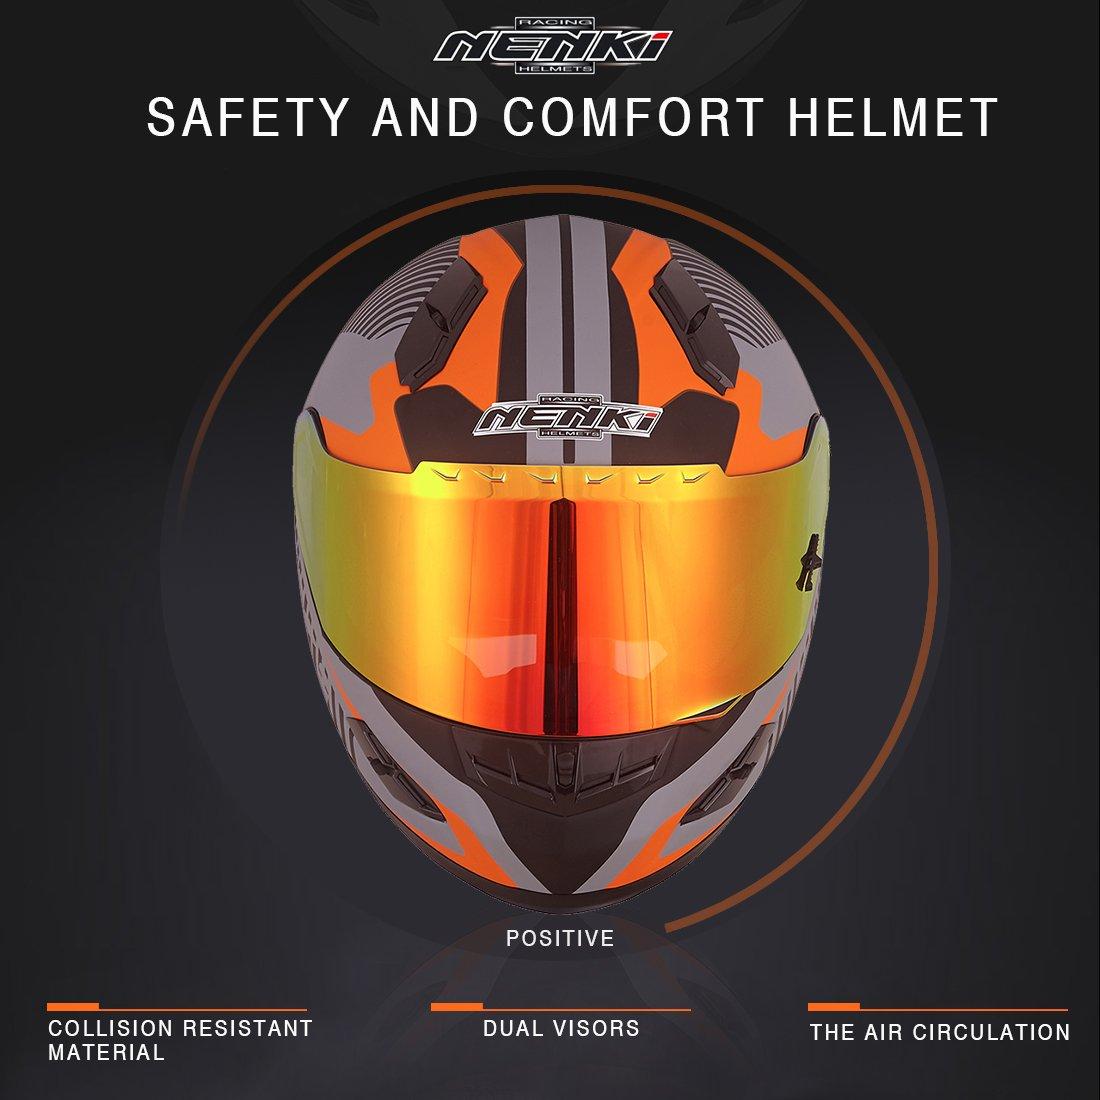 Cascos integrales NENKI para motocicleta. Cascos de motocicleta. Con aprobación DOT. Visera con iridio rojo y pantalla solar interior.